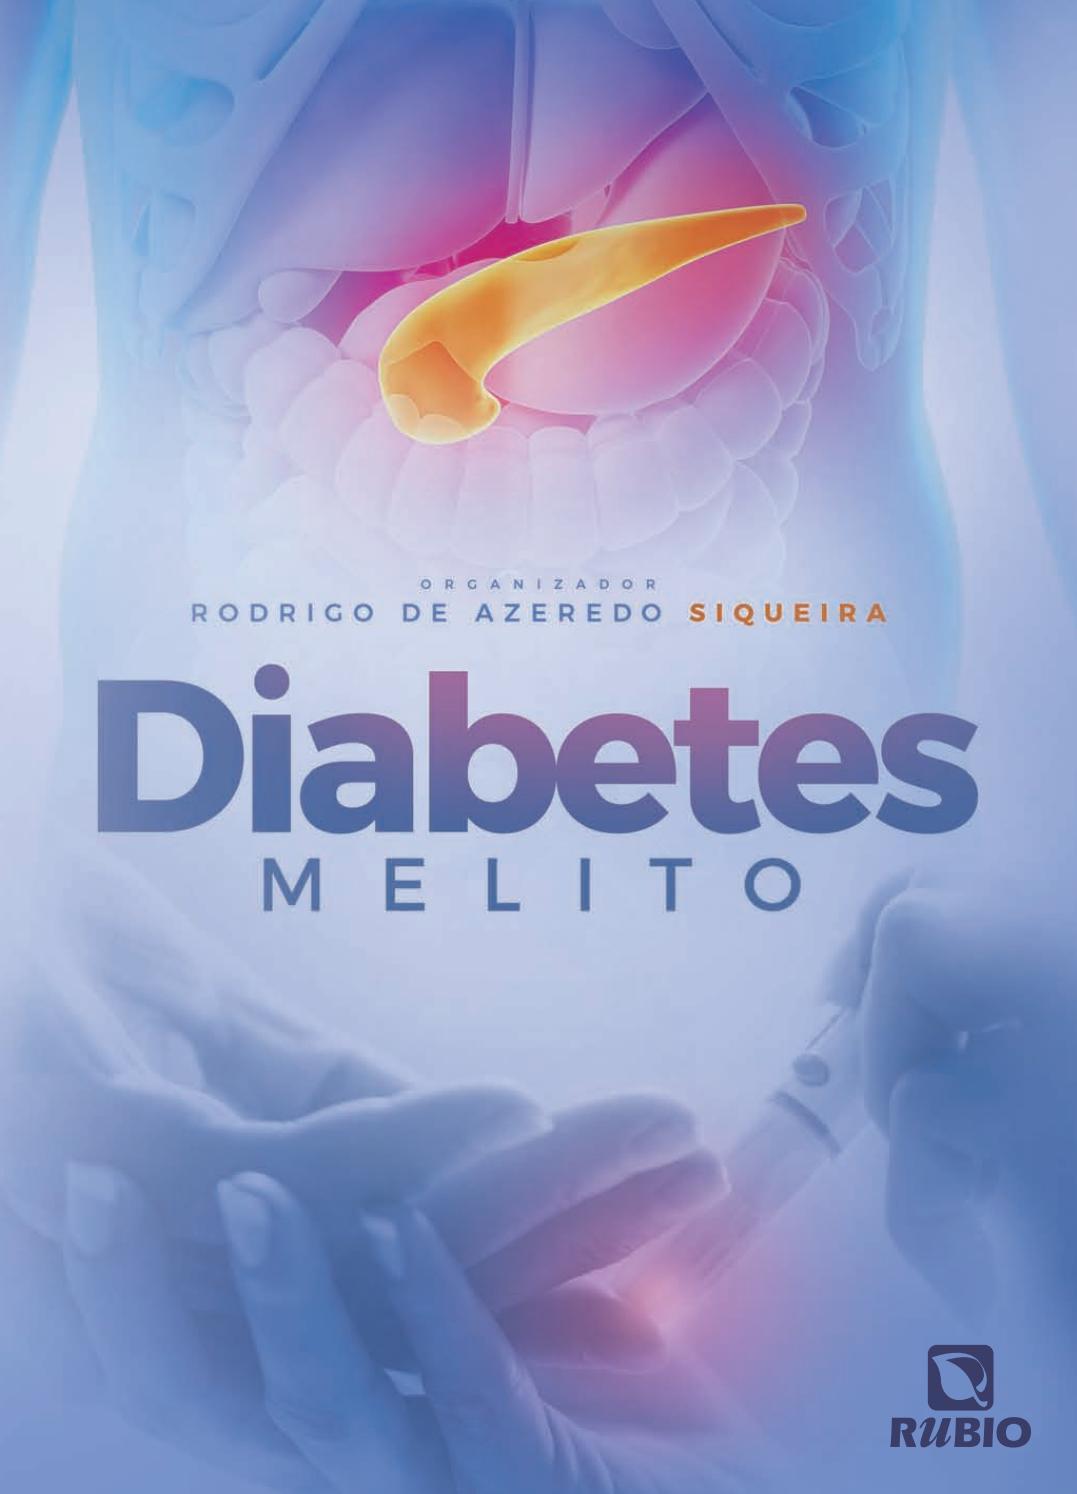 Prada cardio respiratoria novas diretriza la diabetes